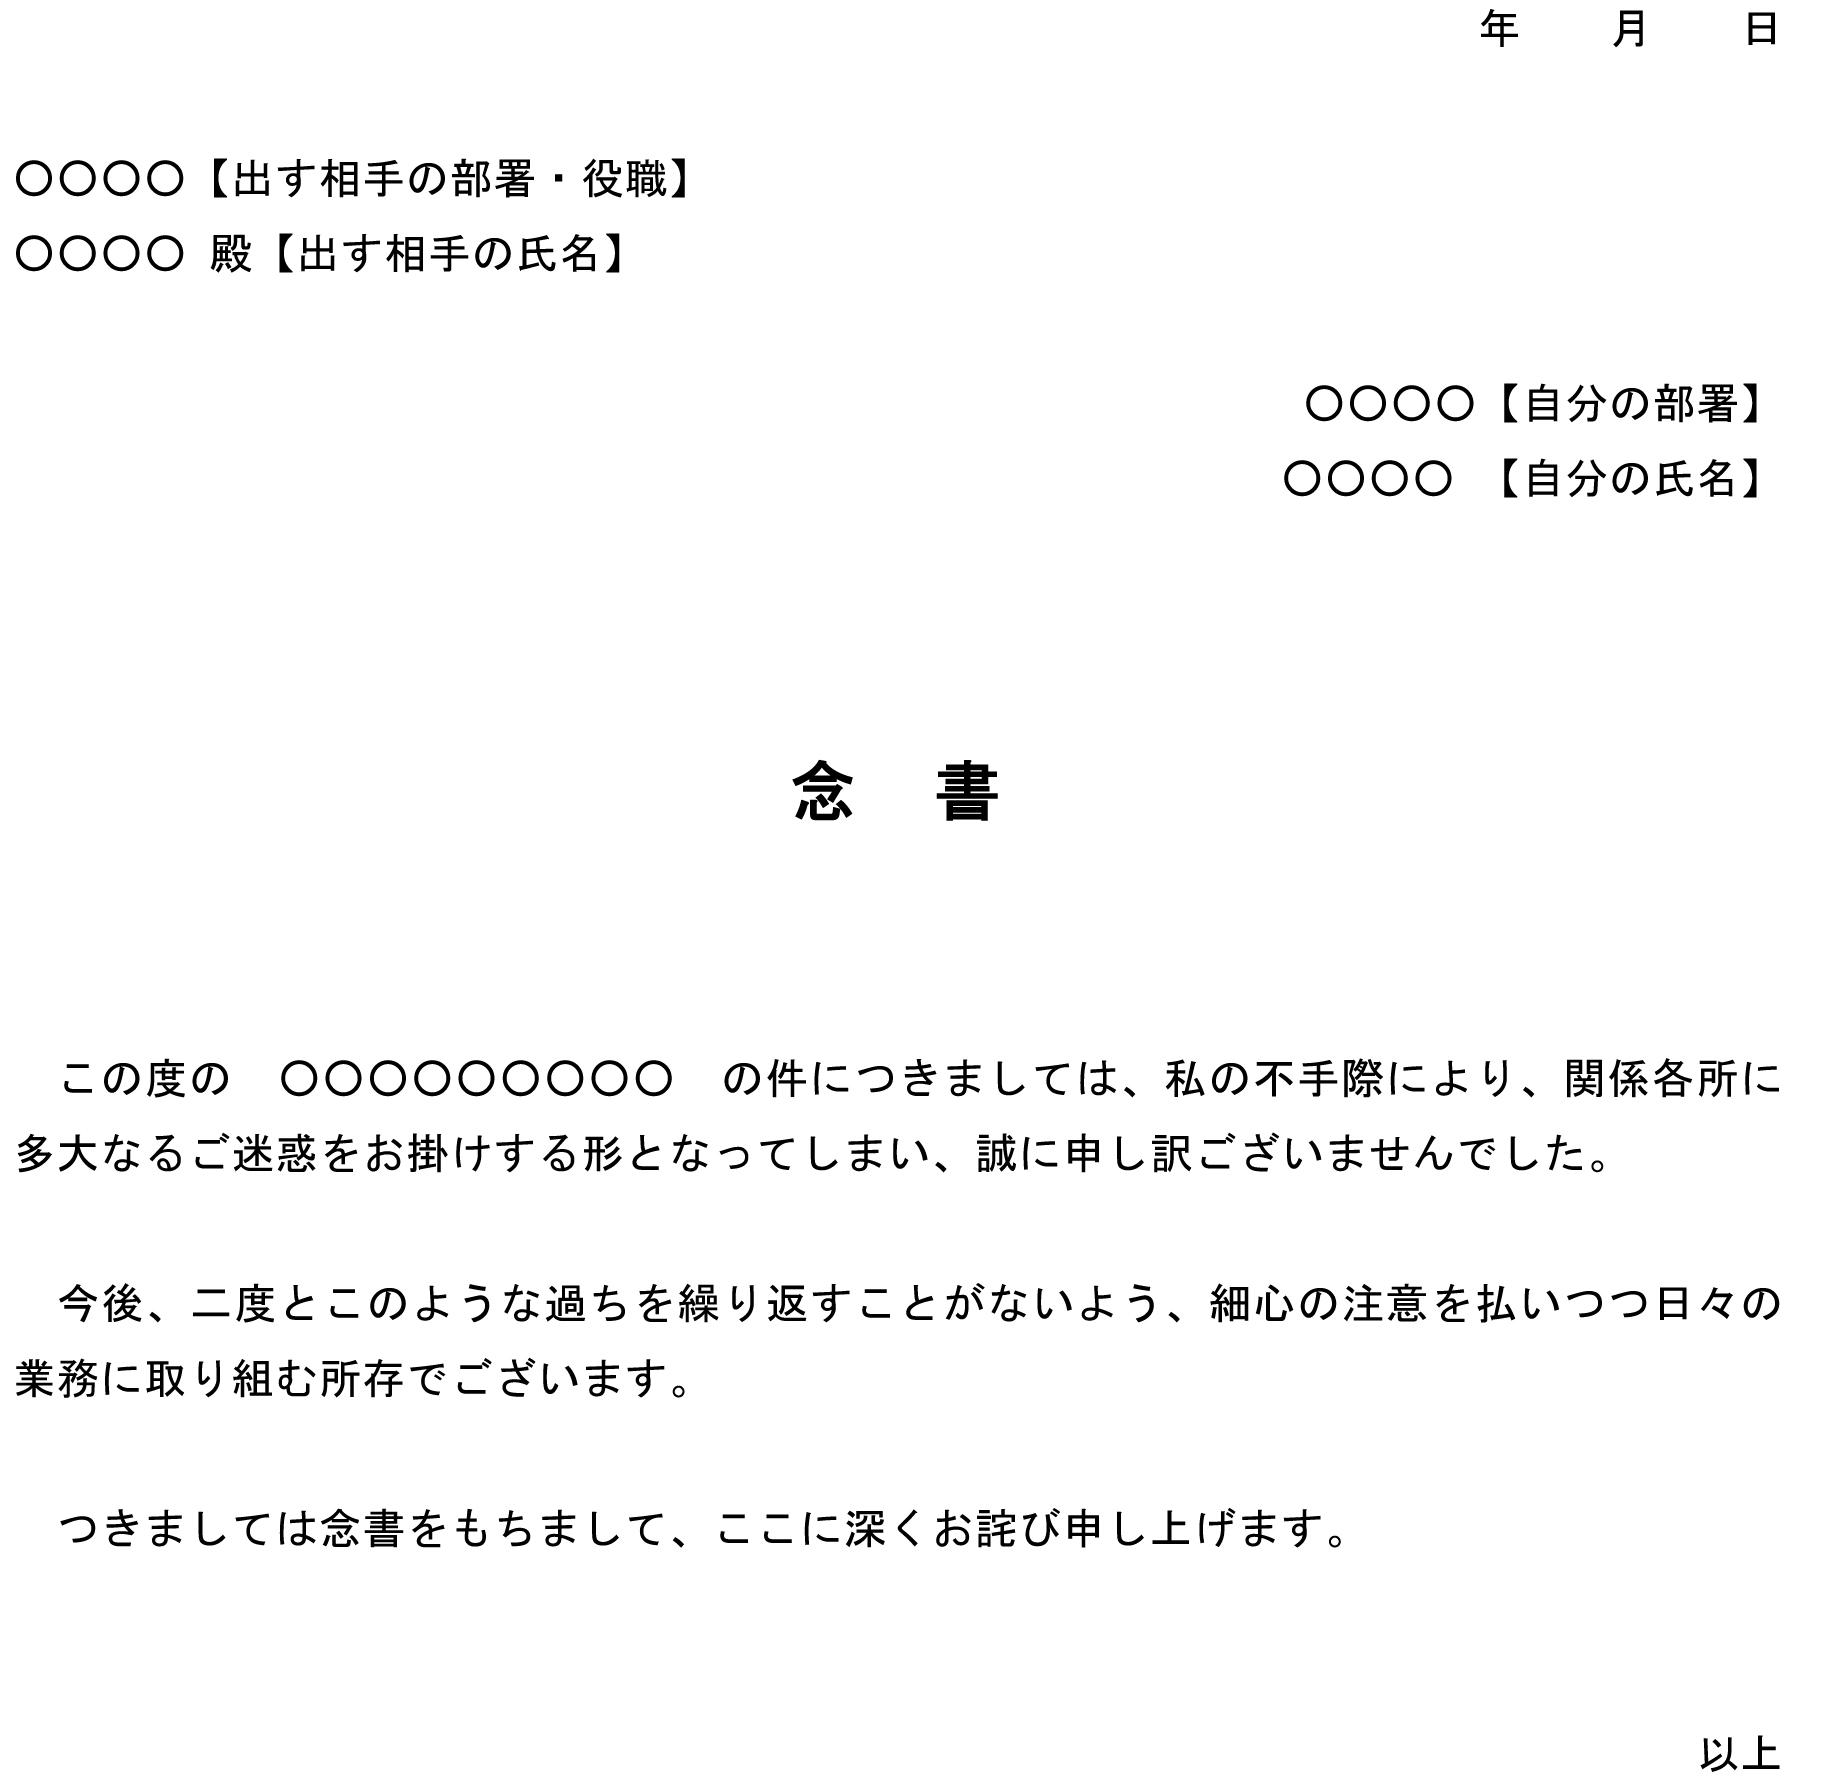 念書(社内不祥事)01